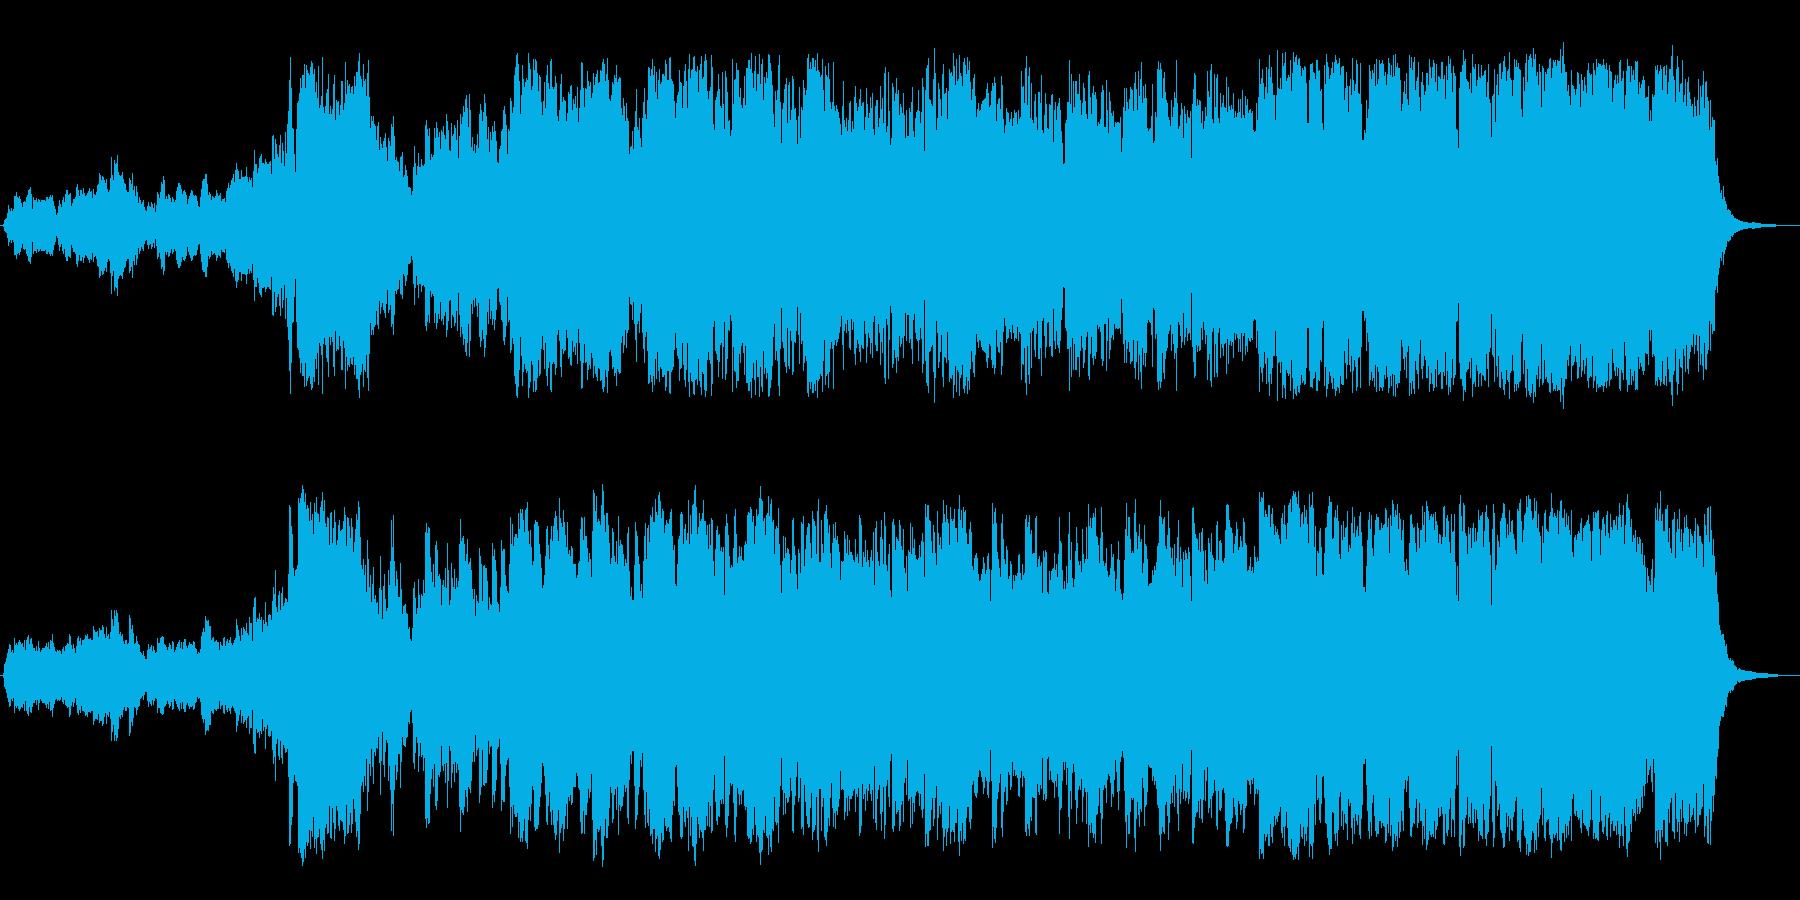 冒険ファンタジー向きオーケストラサウンドの再生済みの波形